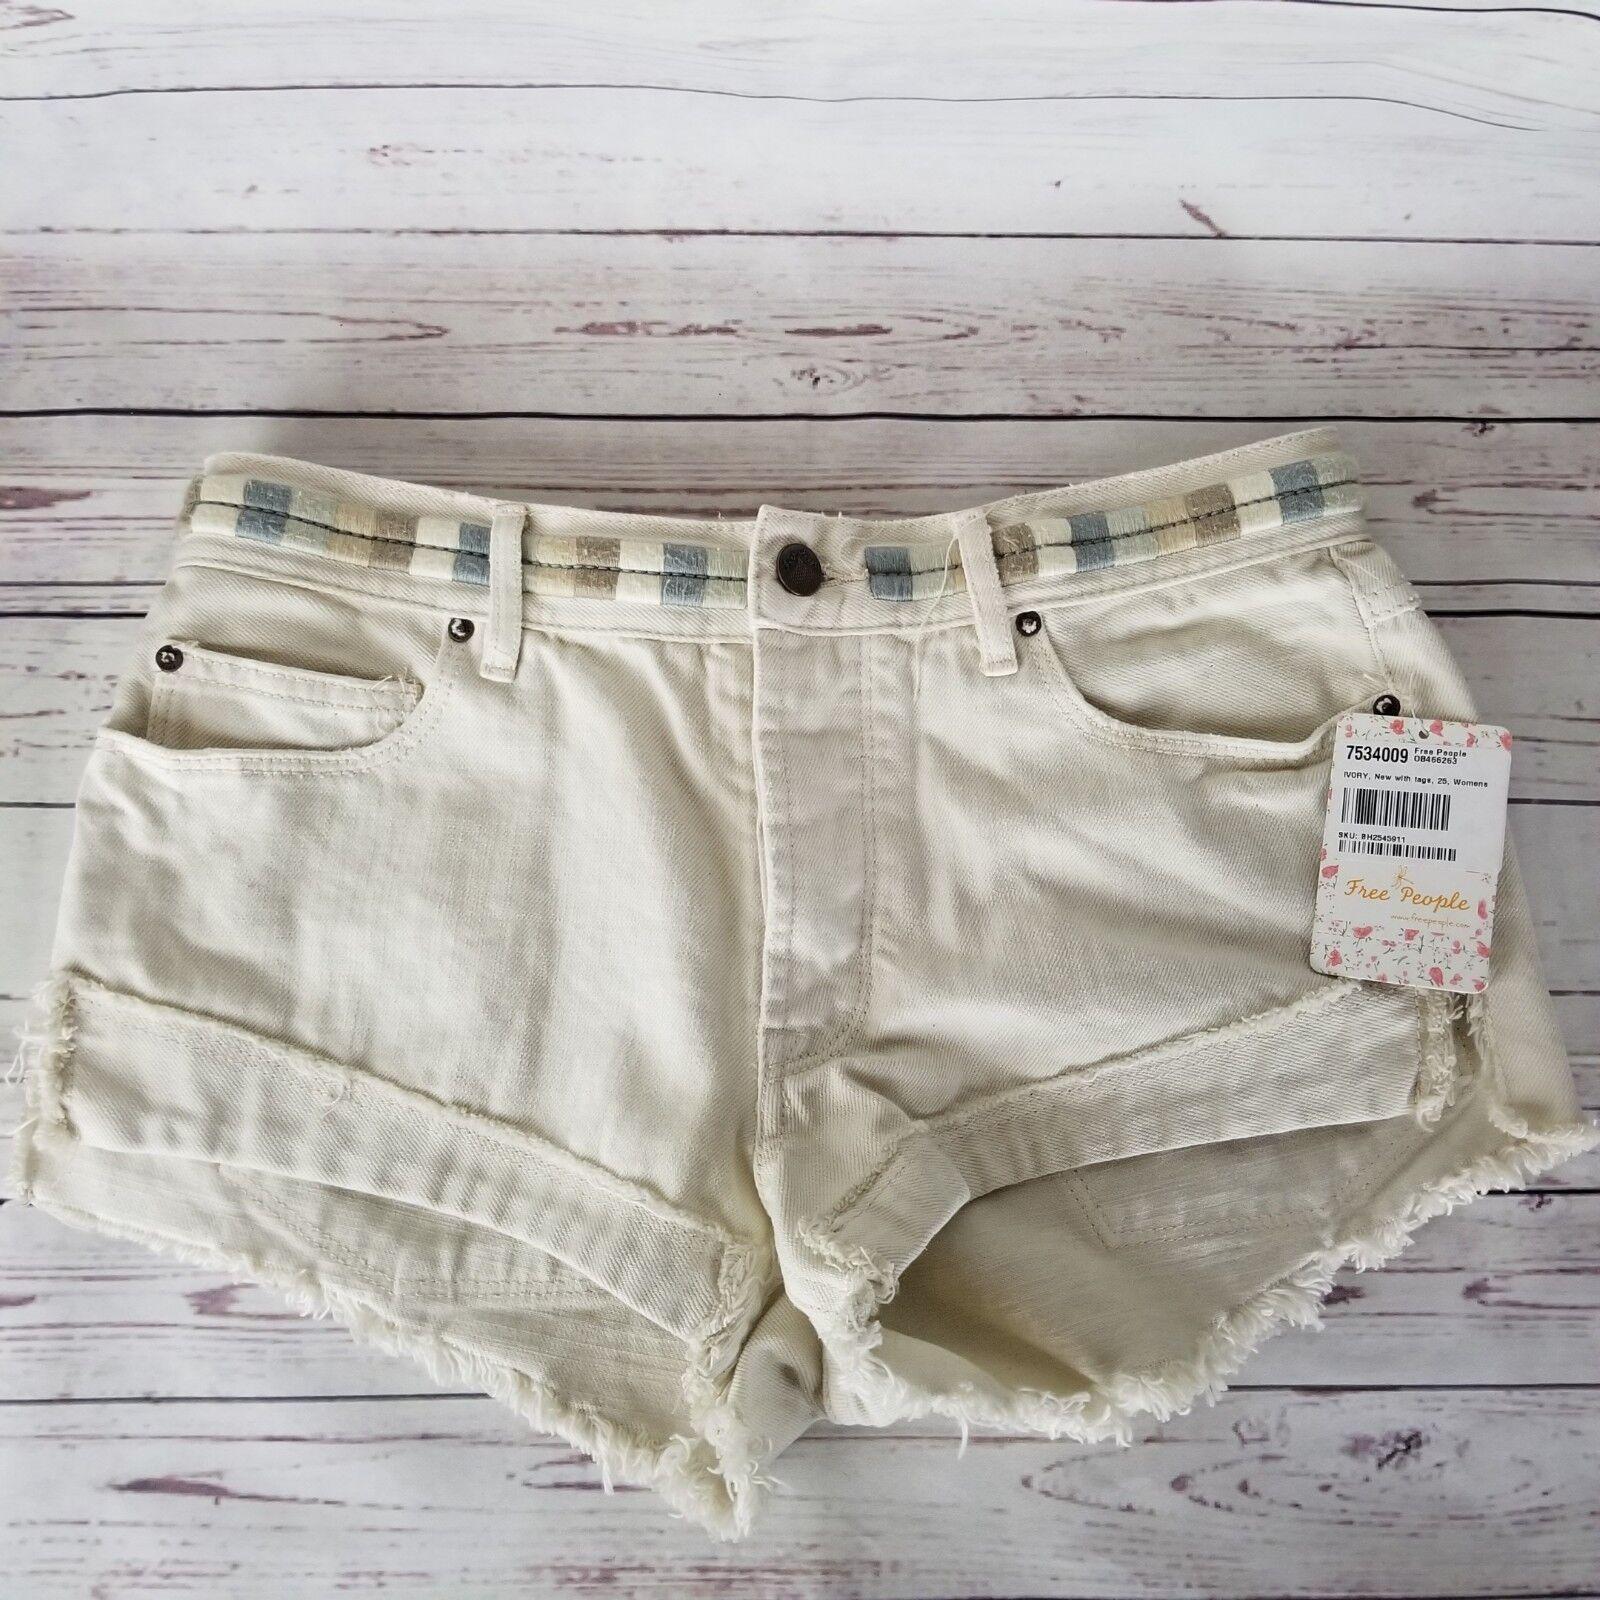 Free People NWT  98 Eliot Embroidered Shorts Ivory Soda Size 25 Shorts   316